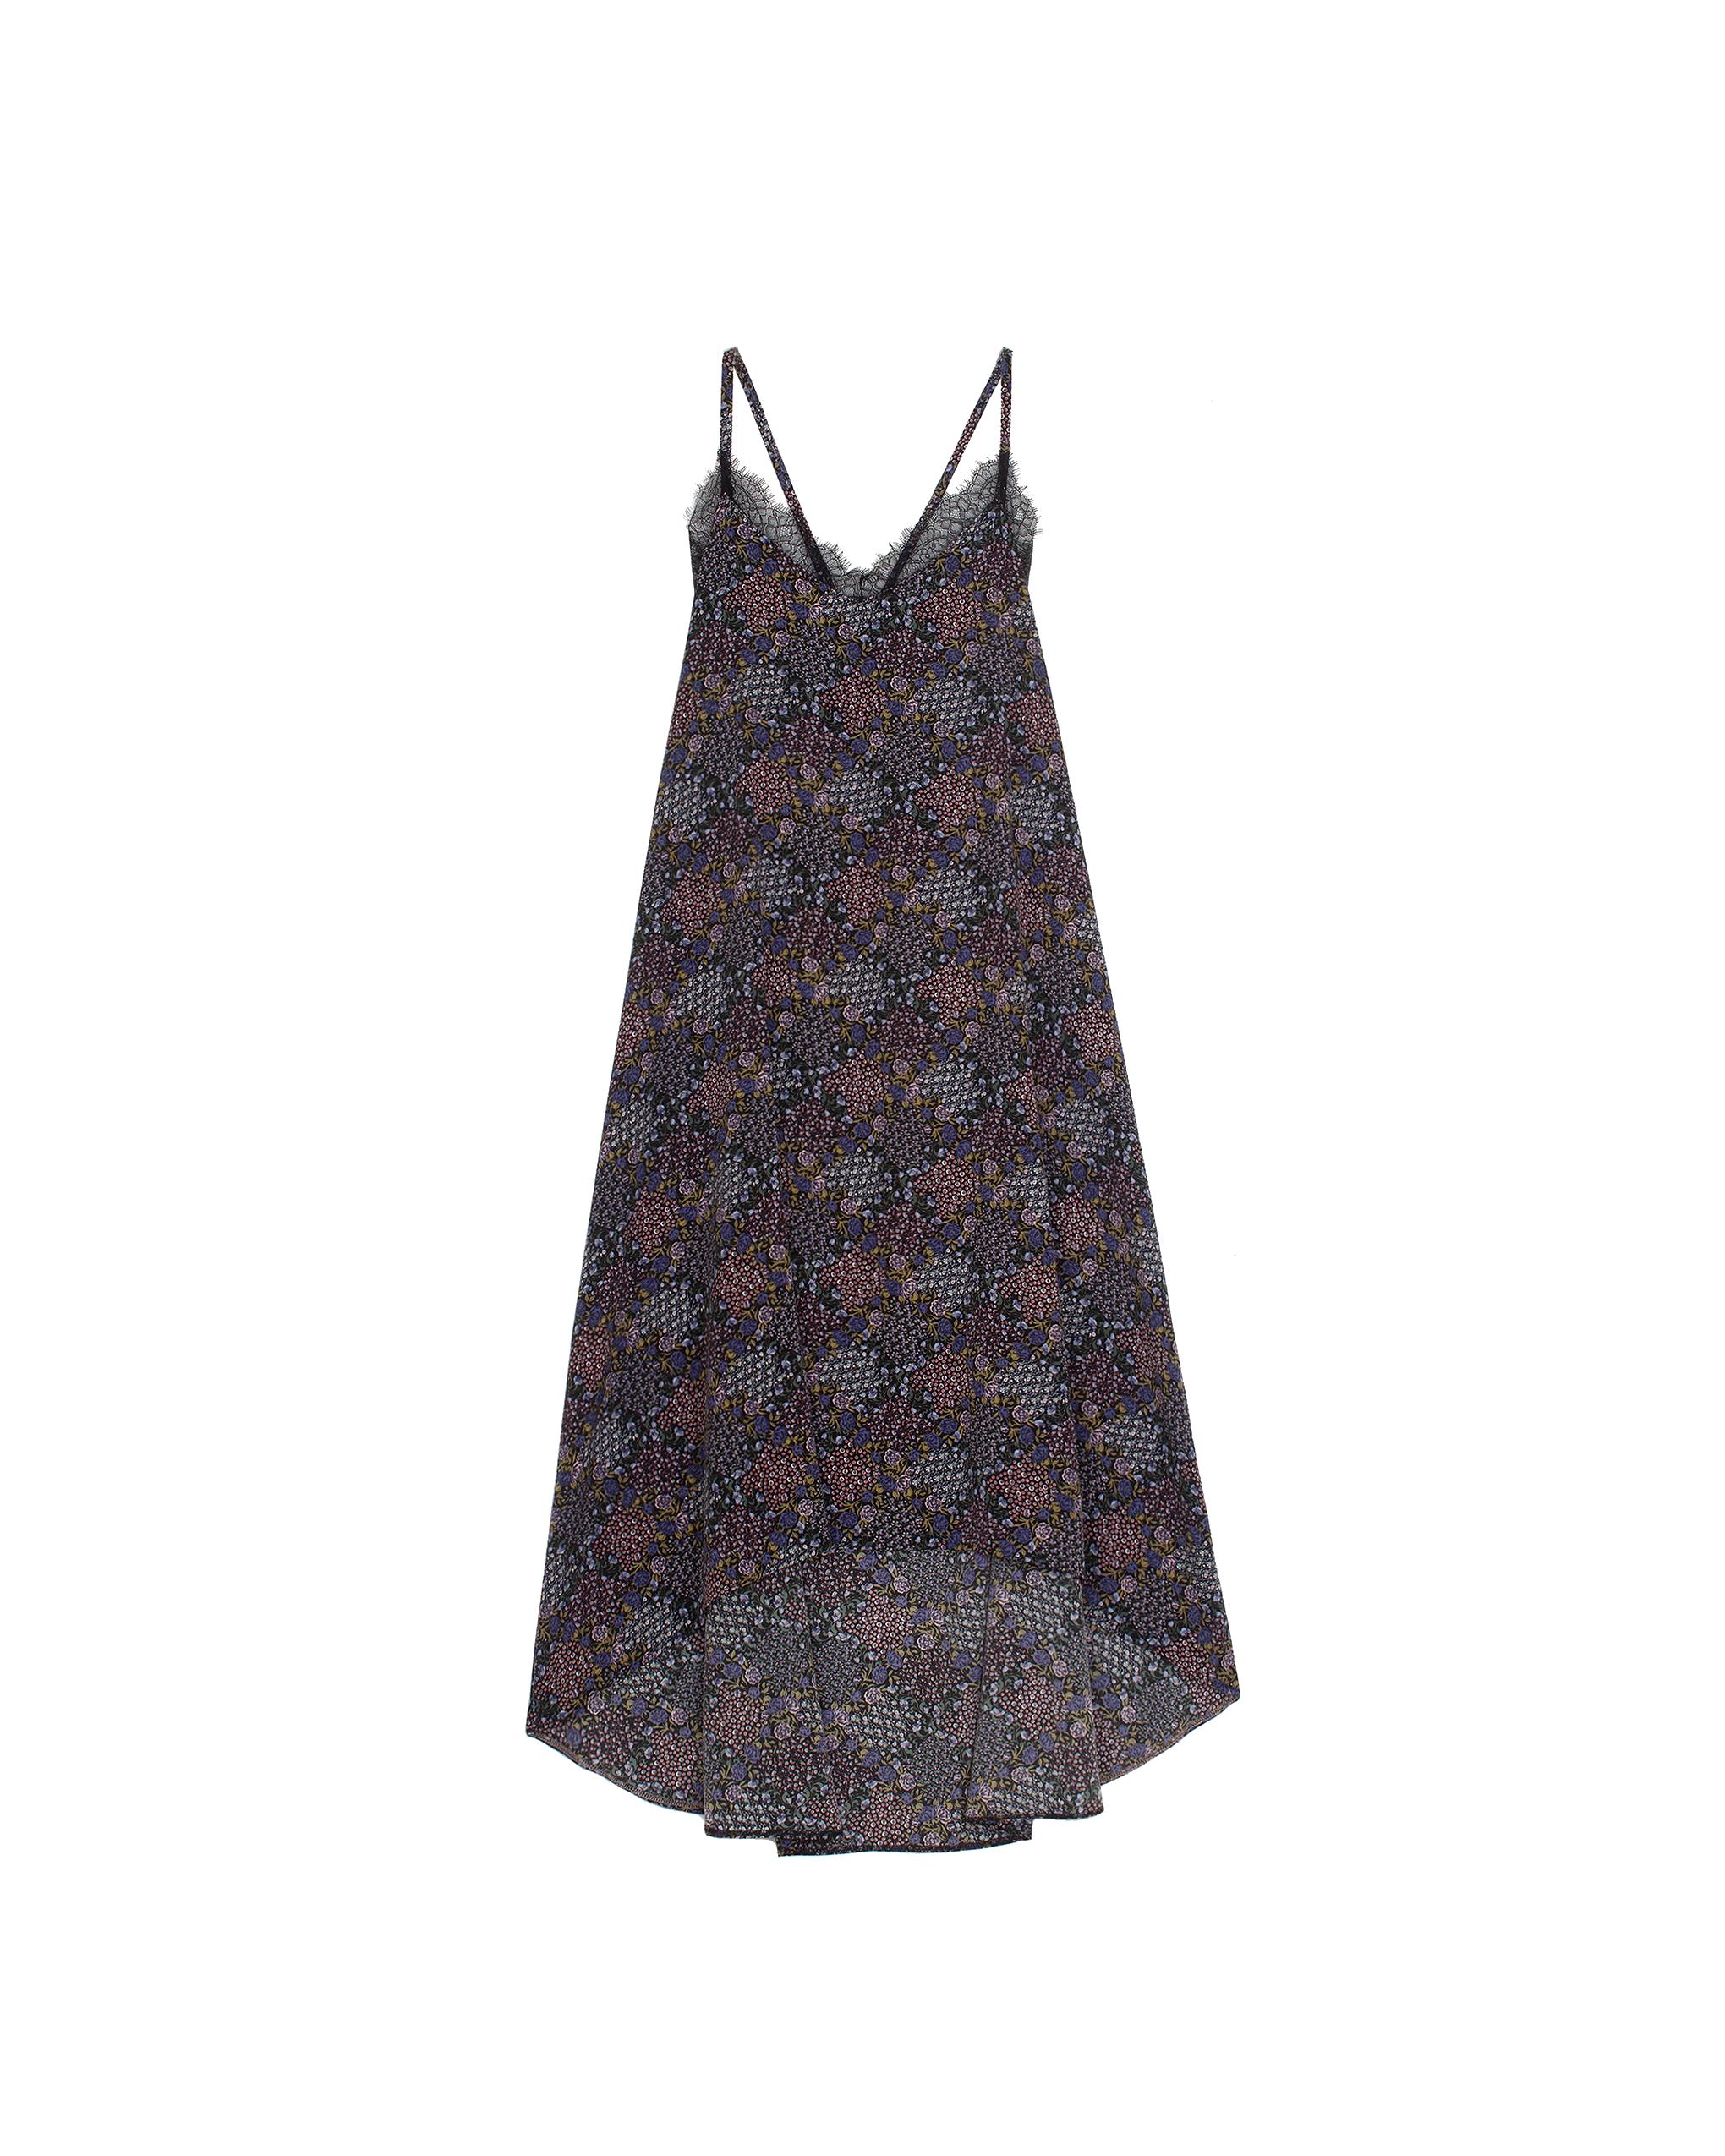 Model wearing EMIN + PAUL multi strappy dress.